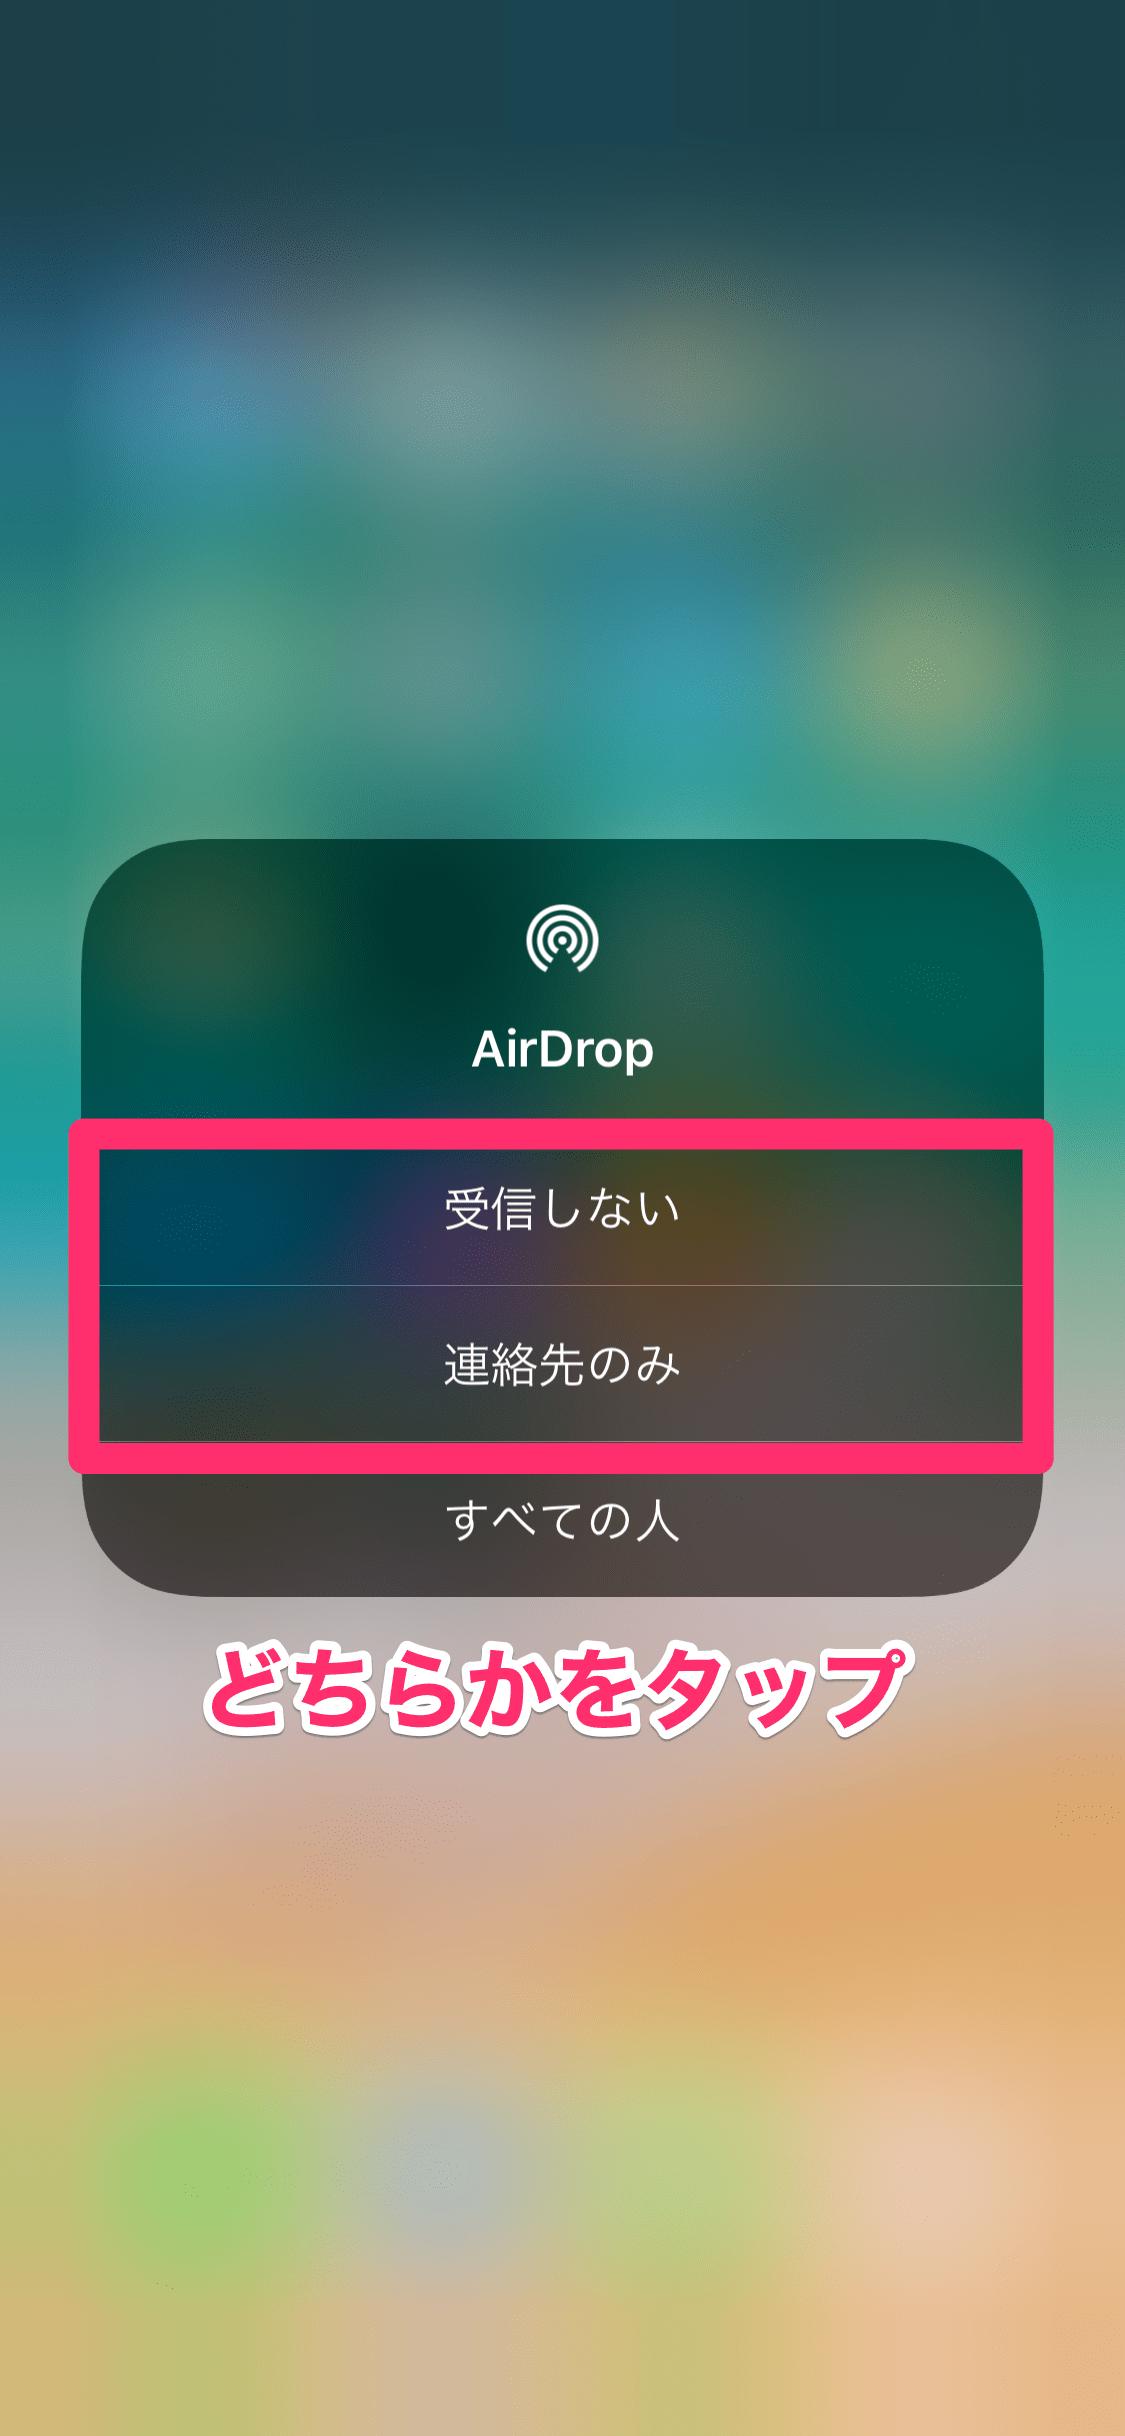 【あなたは大丈夫?】iPhoneに他人から勝手に写真が届く!? 逮捕者も出た「AirDrop痴漢」を防ぐ方法